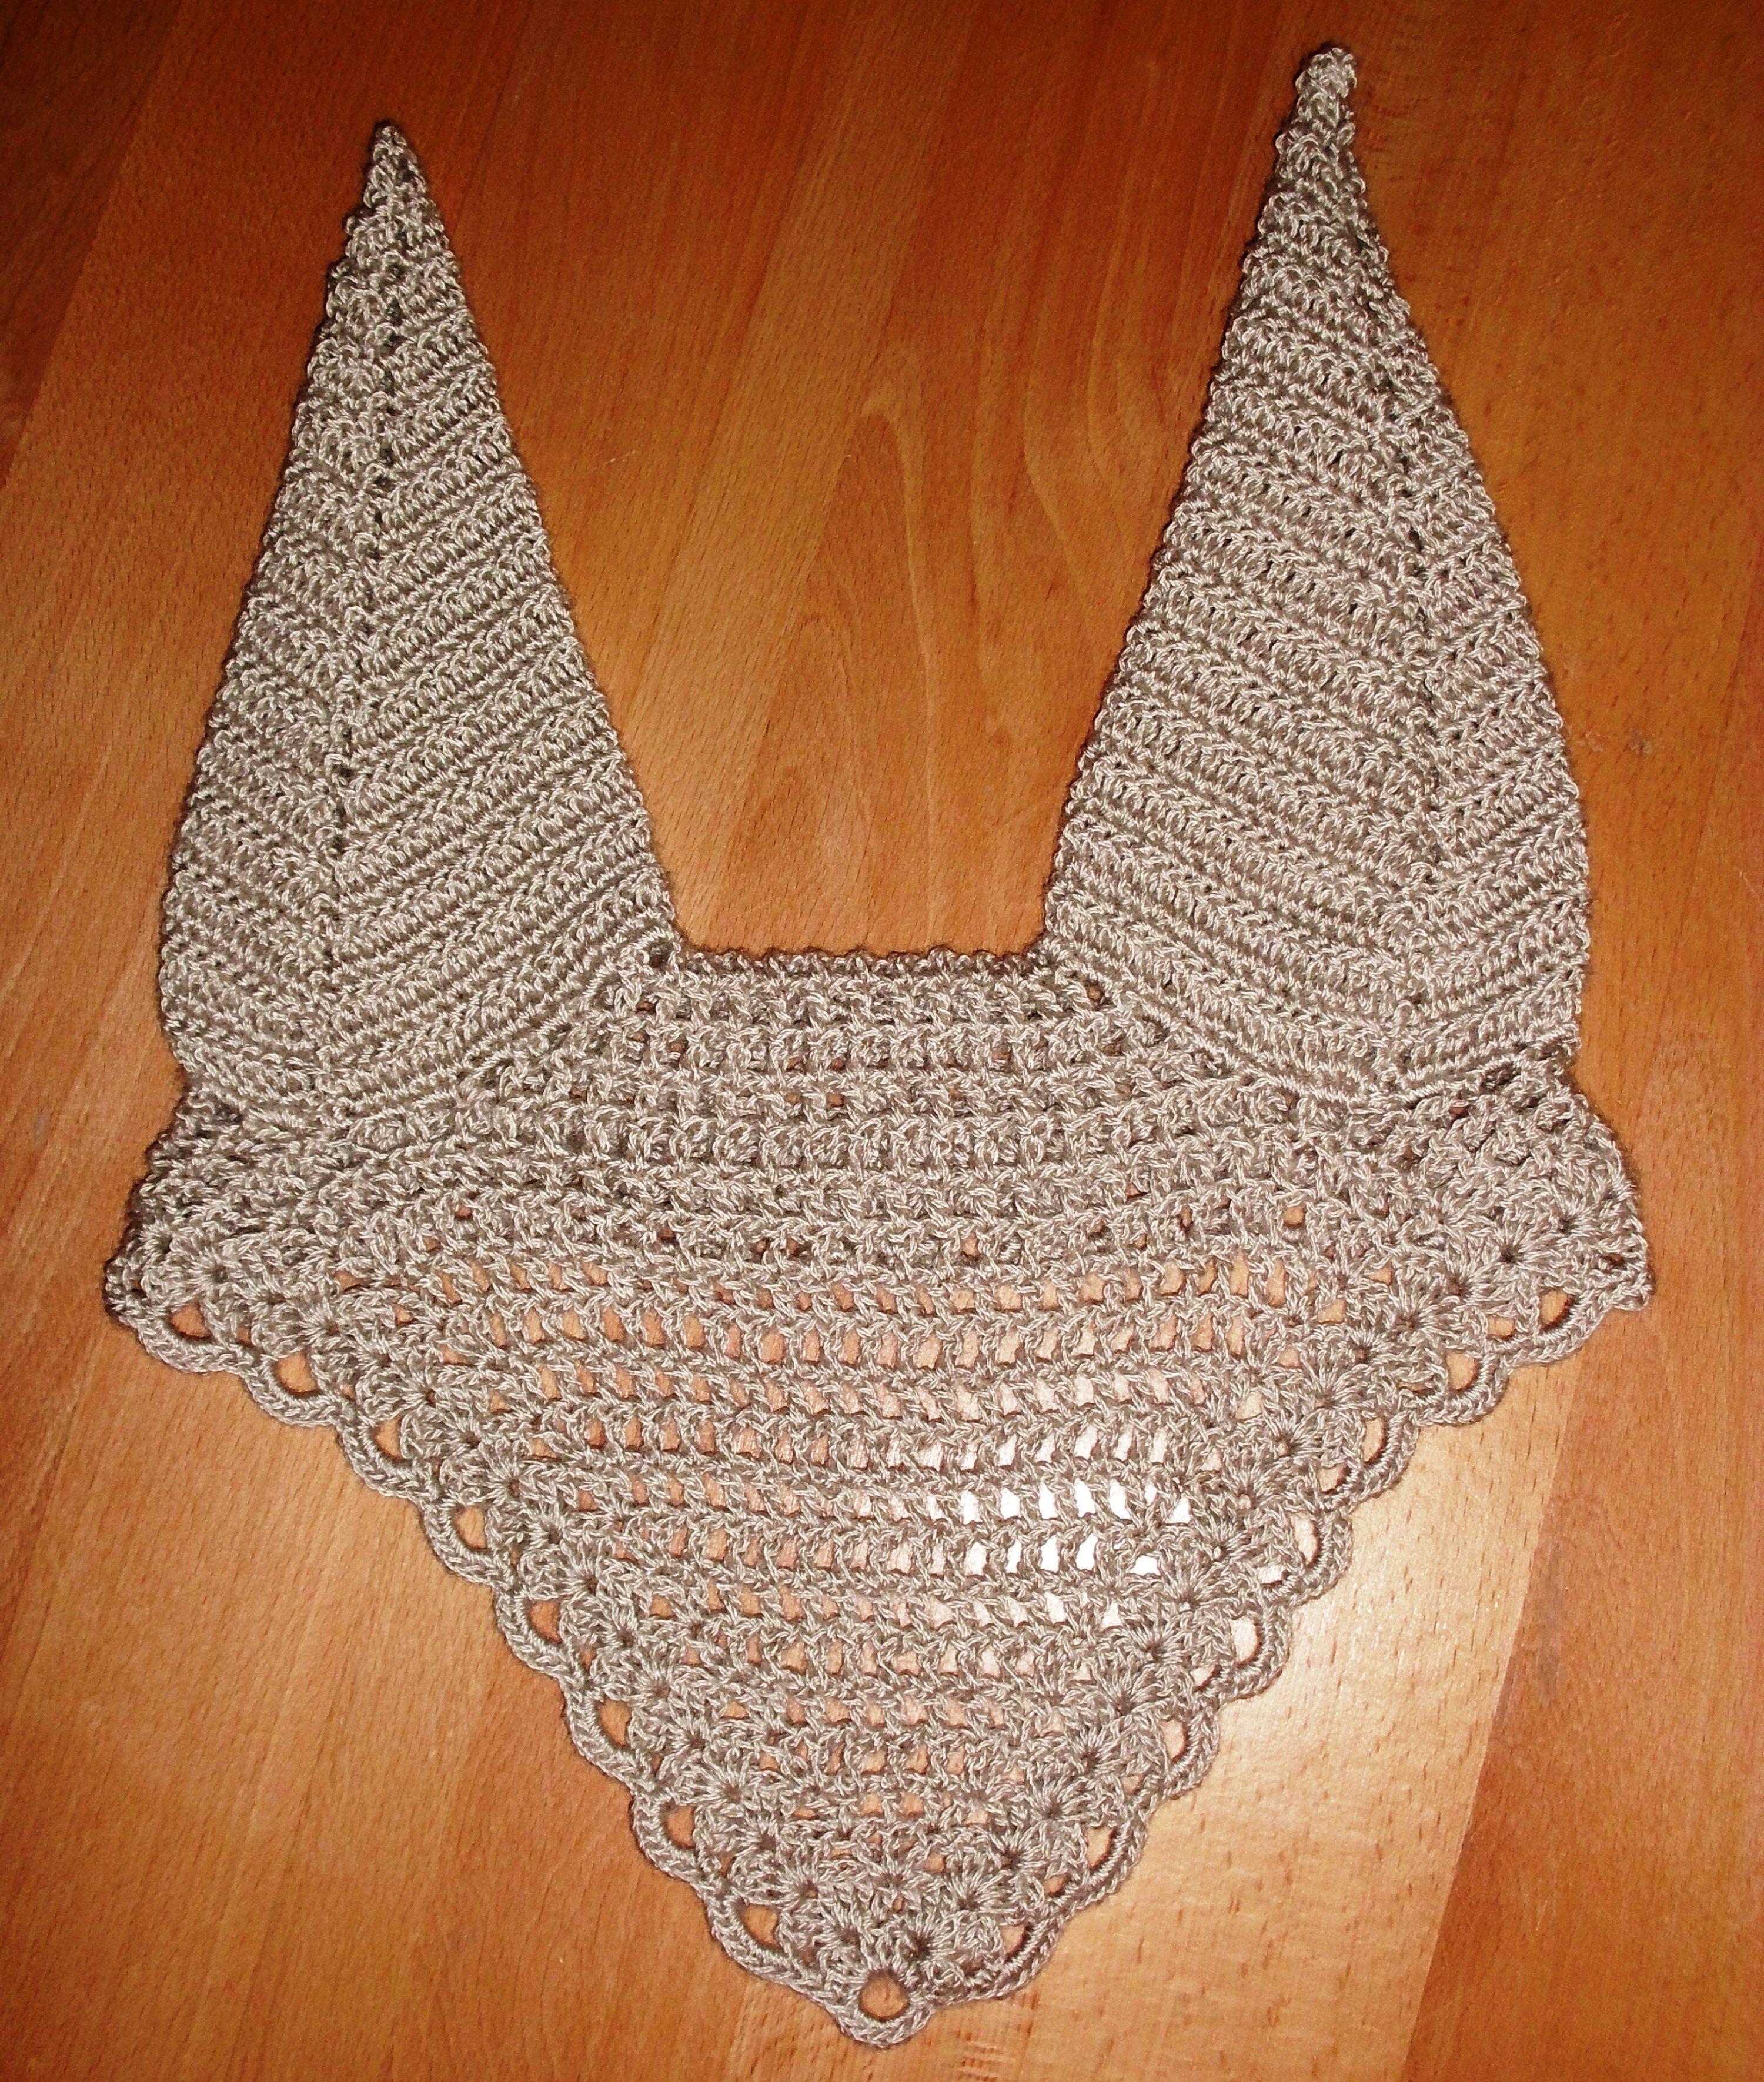 Horse Bonnet - Horse ear nets - Fly mask Crochet pattern http://www.rucniprace.websnadno.cz/